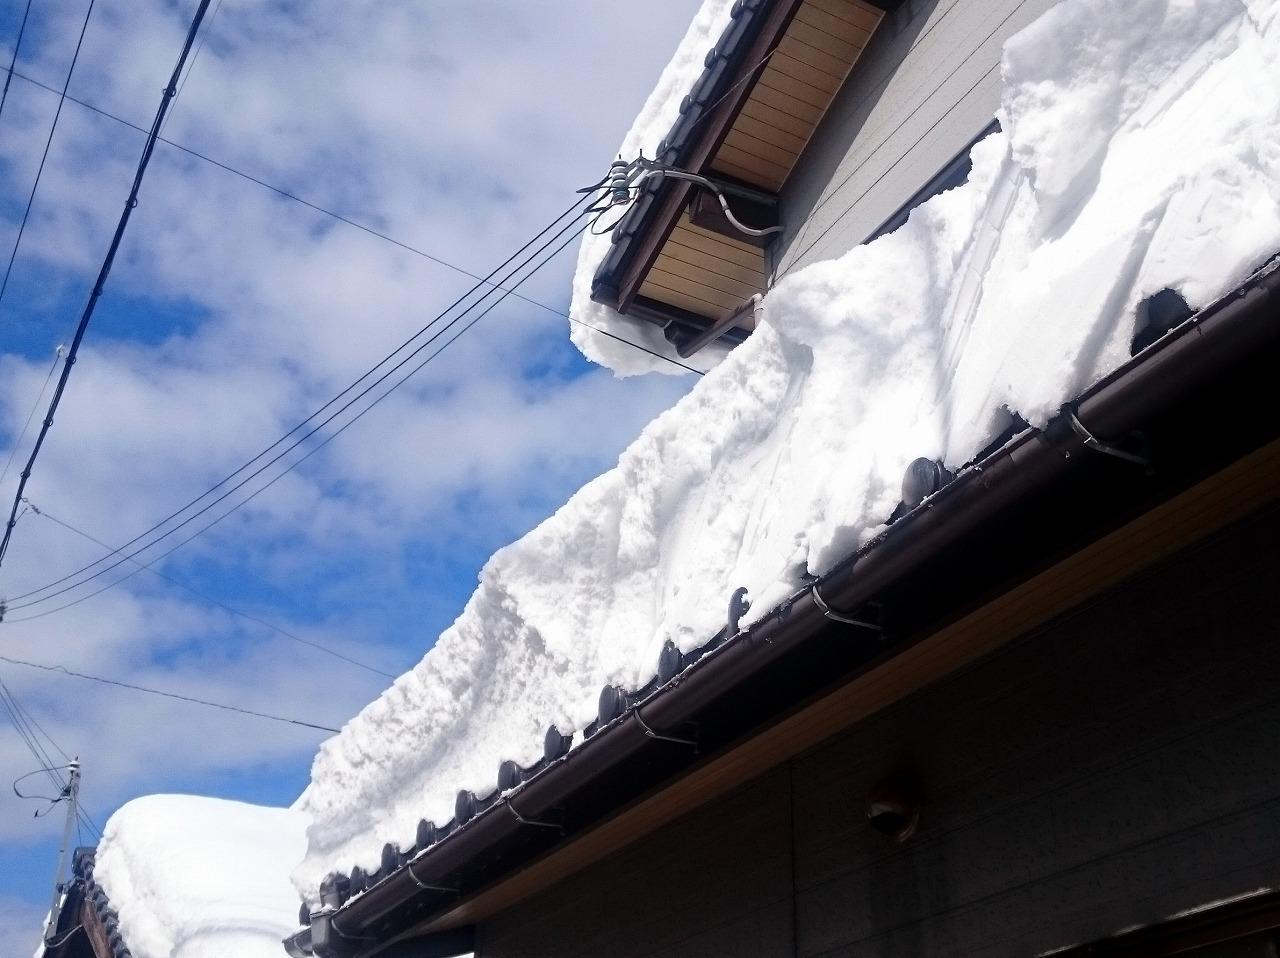 20170212-Snow-X01.jpg